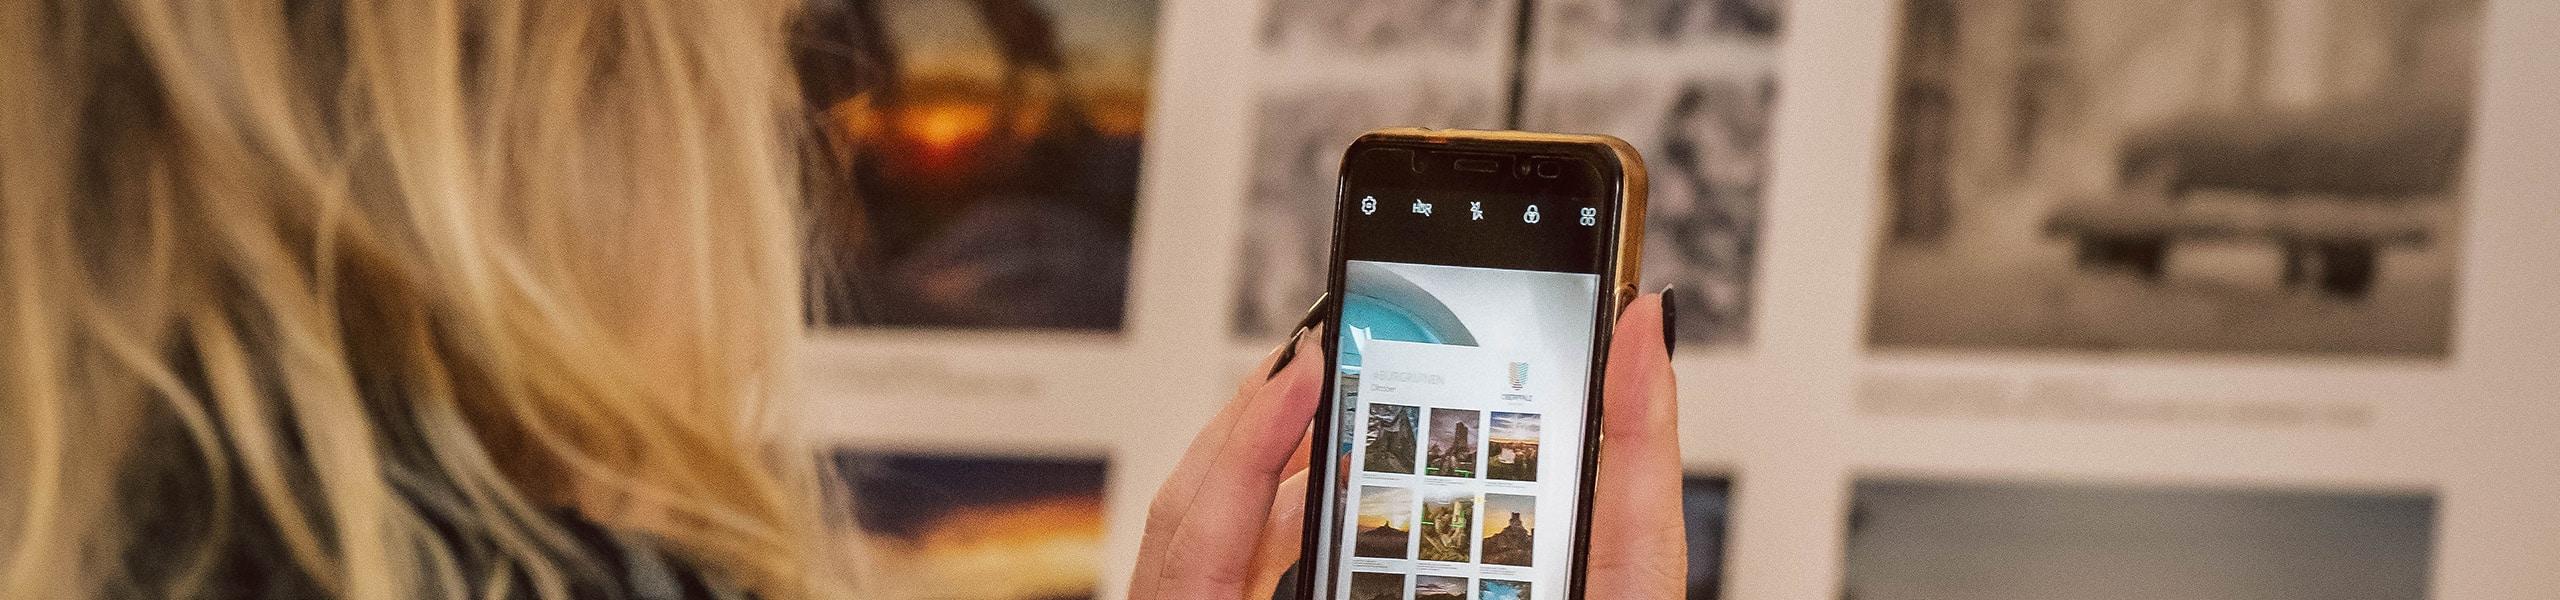 Besucherin fotografiert die Ausstellung #meineoberpfalz mit ihrem Handy